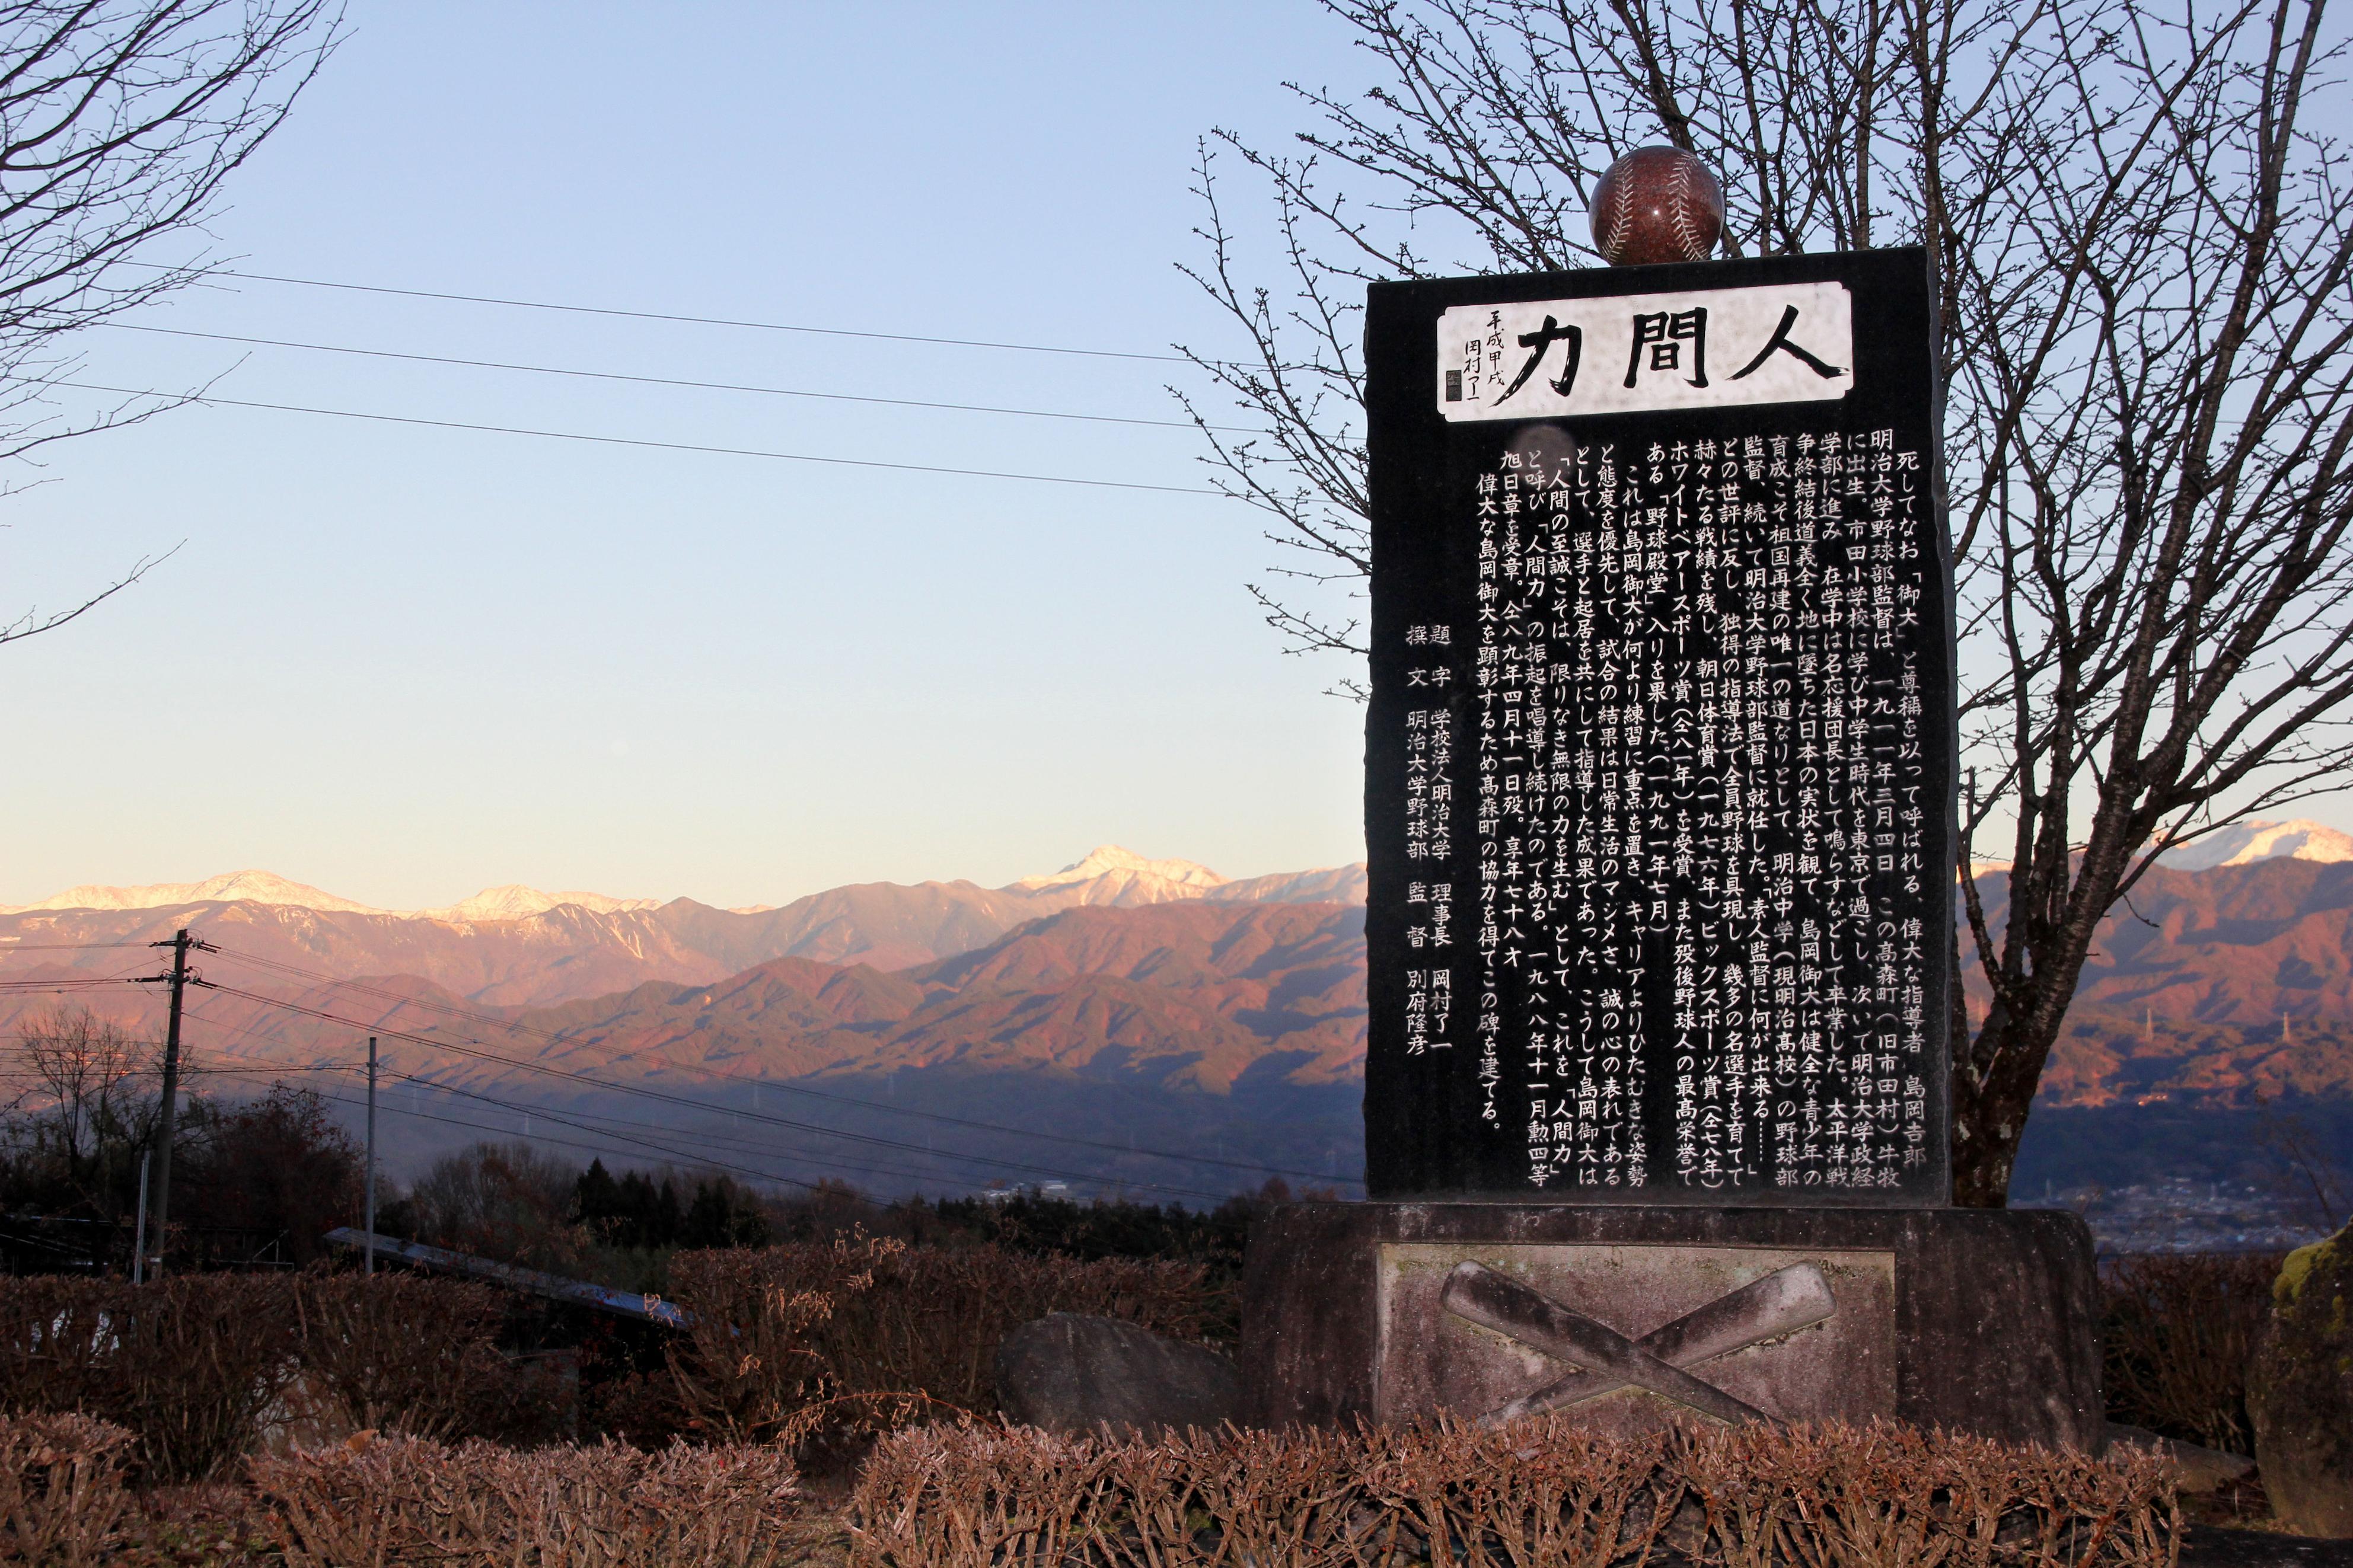 明治大野球部の島岡吉郎元監督の出身地にある「人間力」と刻まれた石碑=長野県高森町